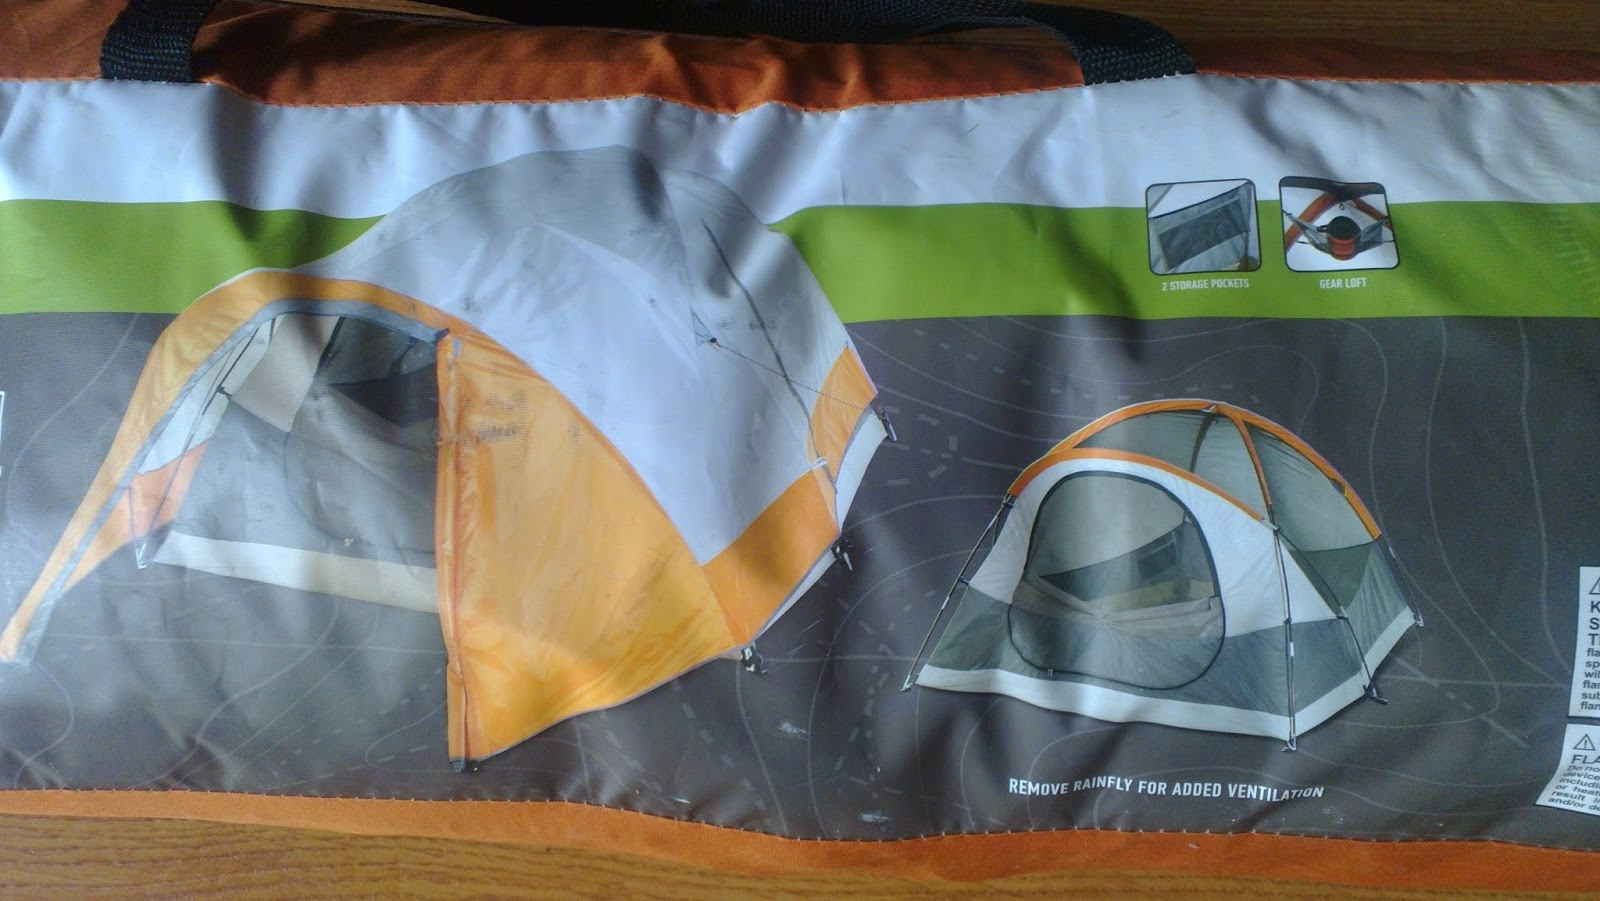 Review Alpine Design Horizon 3 Tent - Part 1 & Manly Notes - Into the Mild: Review: Alpine Design Horizon 3 Tent ...